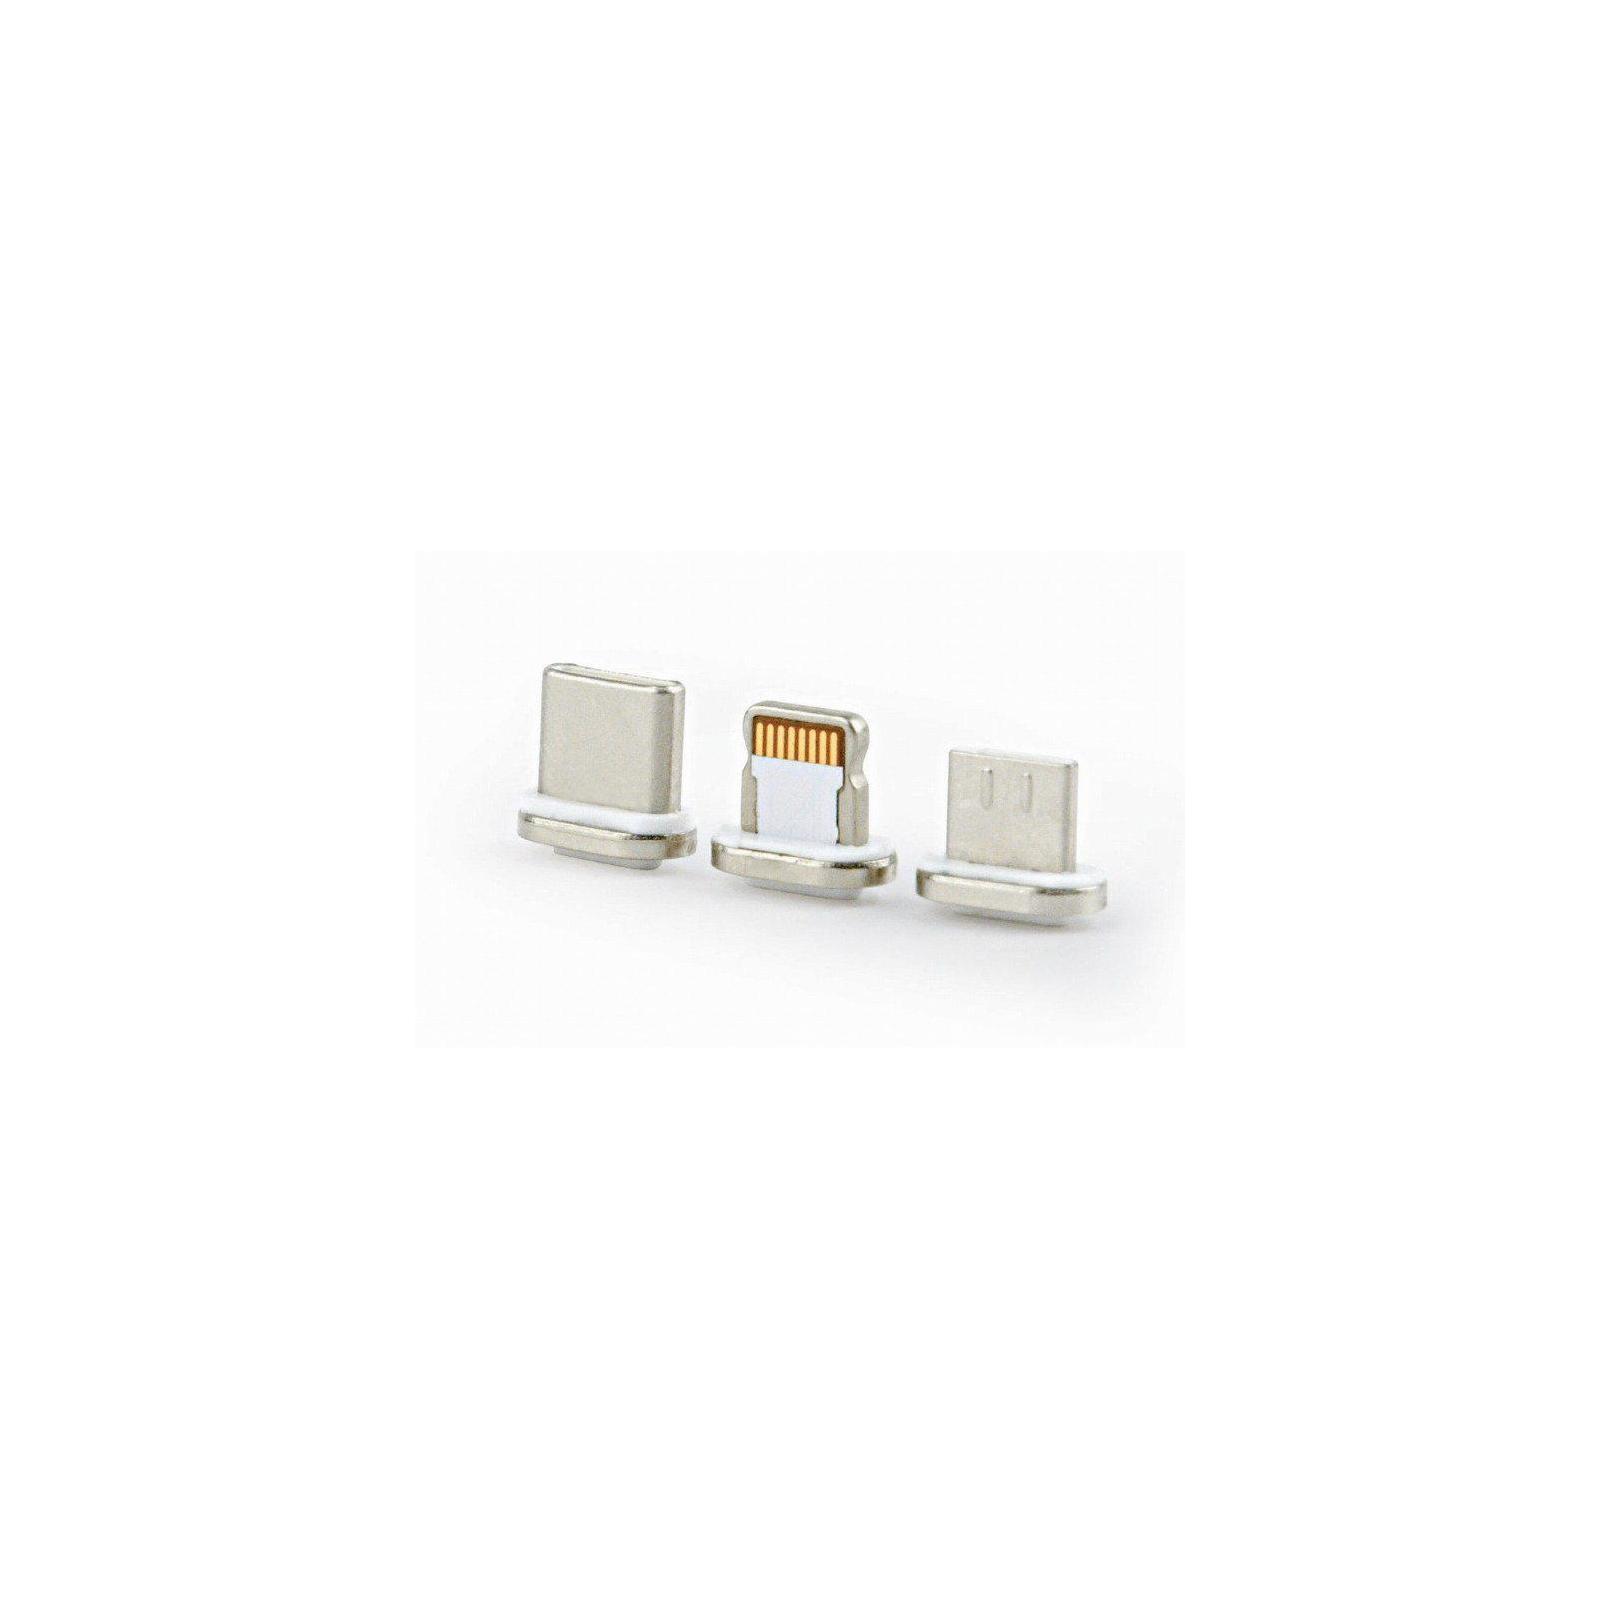 Дата кабель USB 2.0 AM to Lightning/Micro/Type-C 1.0m Cablexpert (CC-USB2-AMLM31-1M) изображение 4